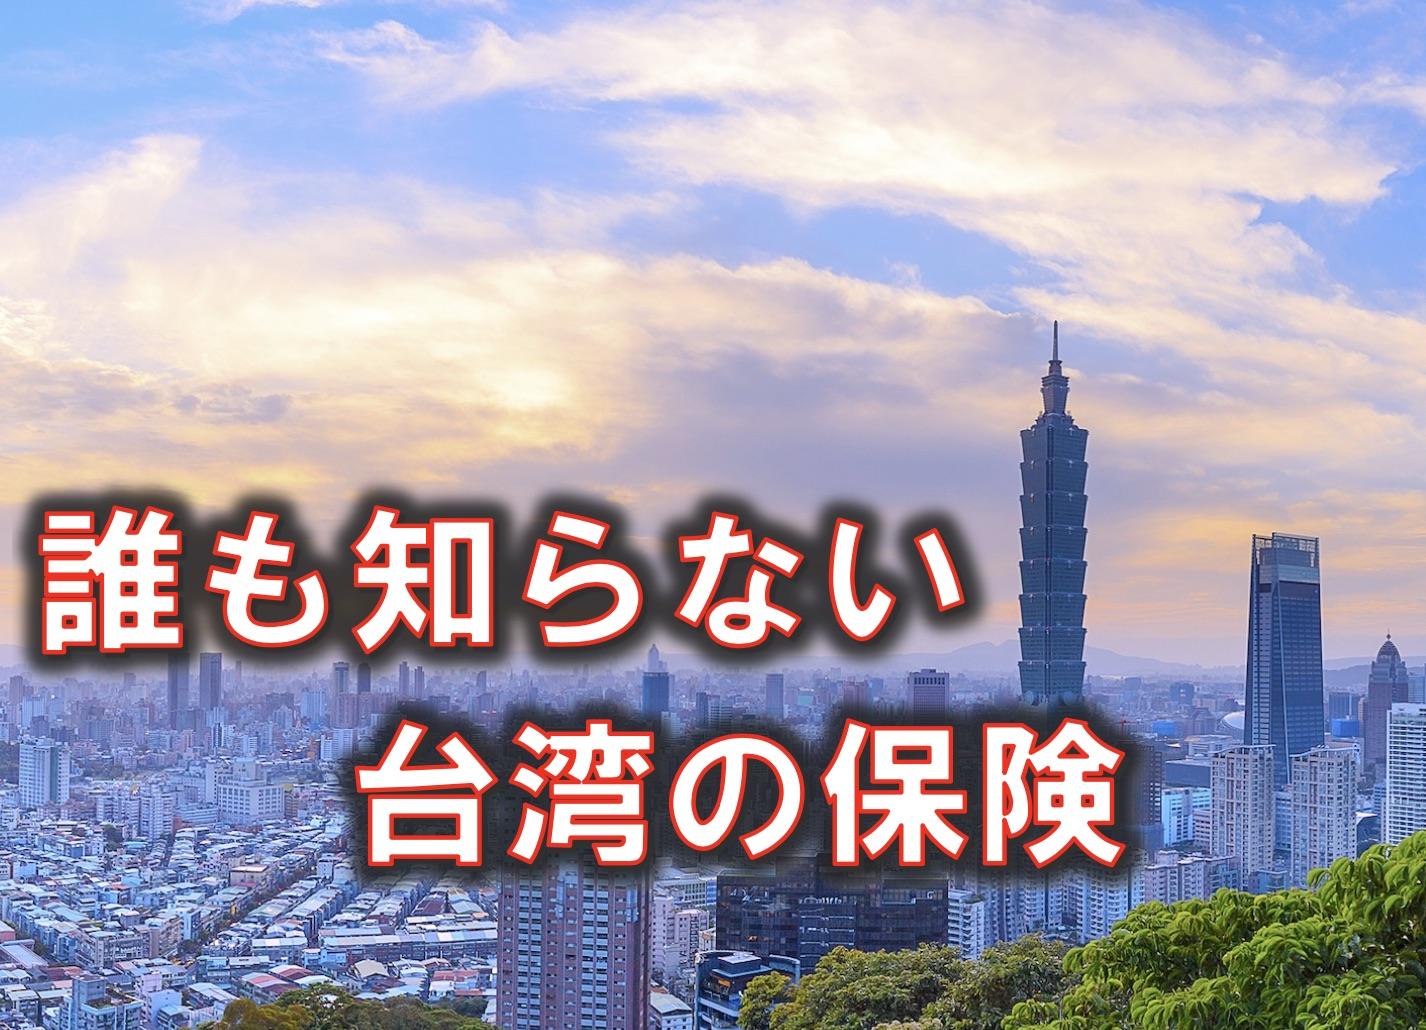 誰も知らない台湾の保険